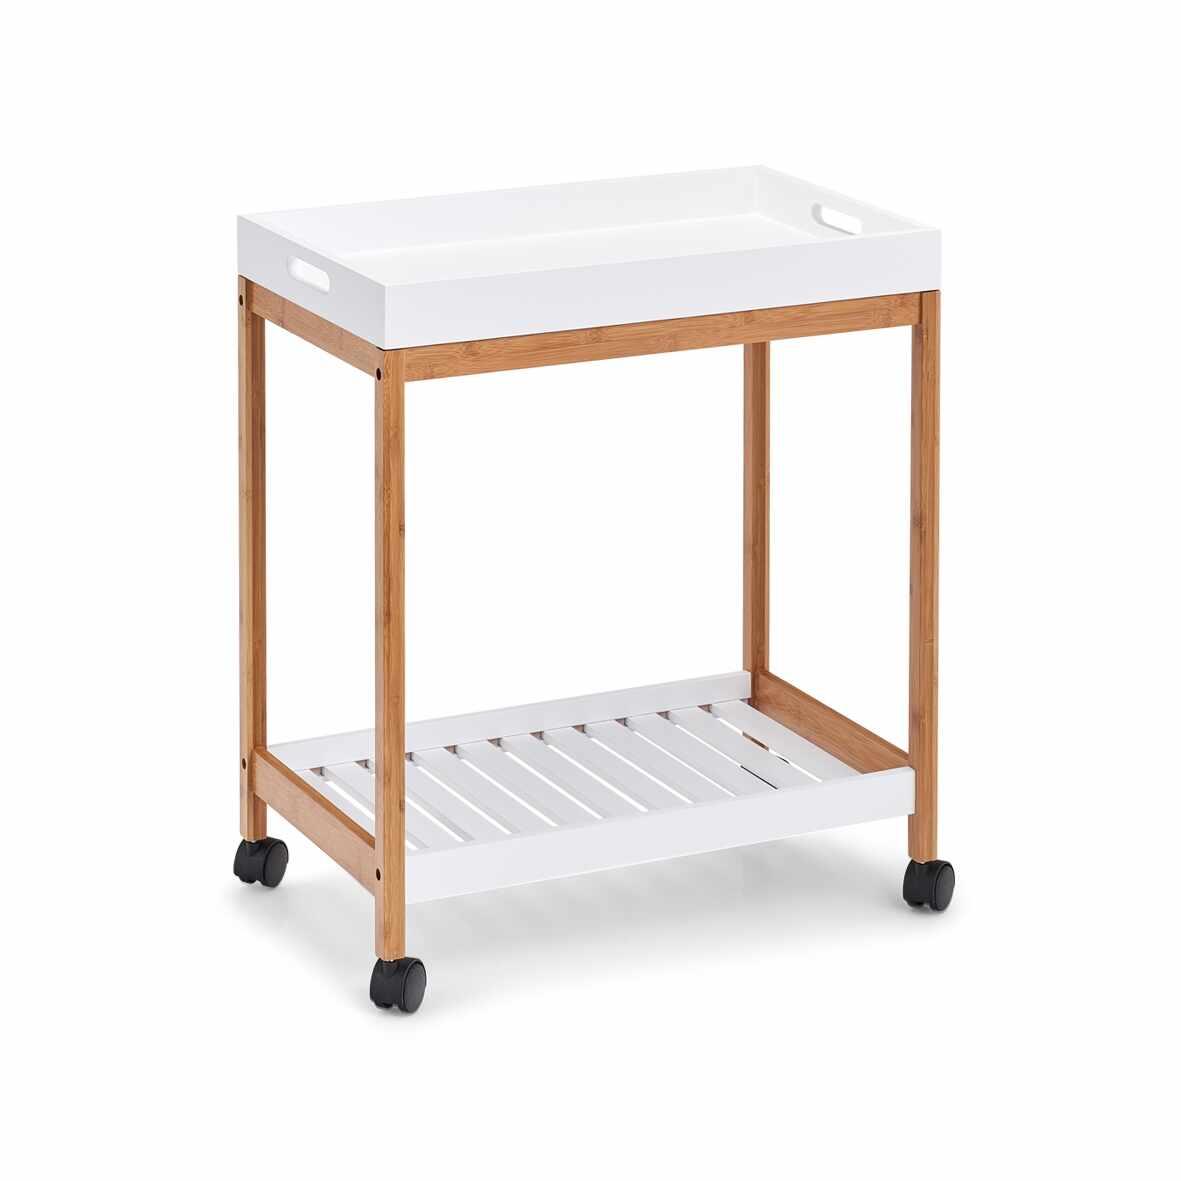 Masa minibar mobila Tray, Bamboo MDF Alb / Natural, L55xl34xH62 cm la pret 239 lei